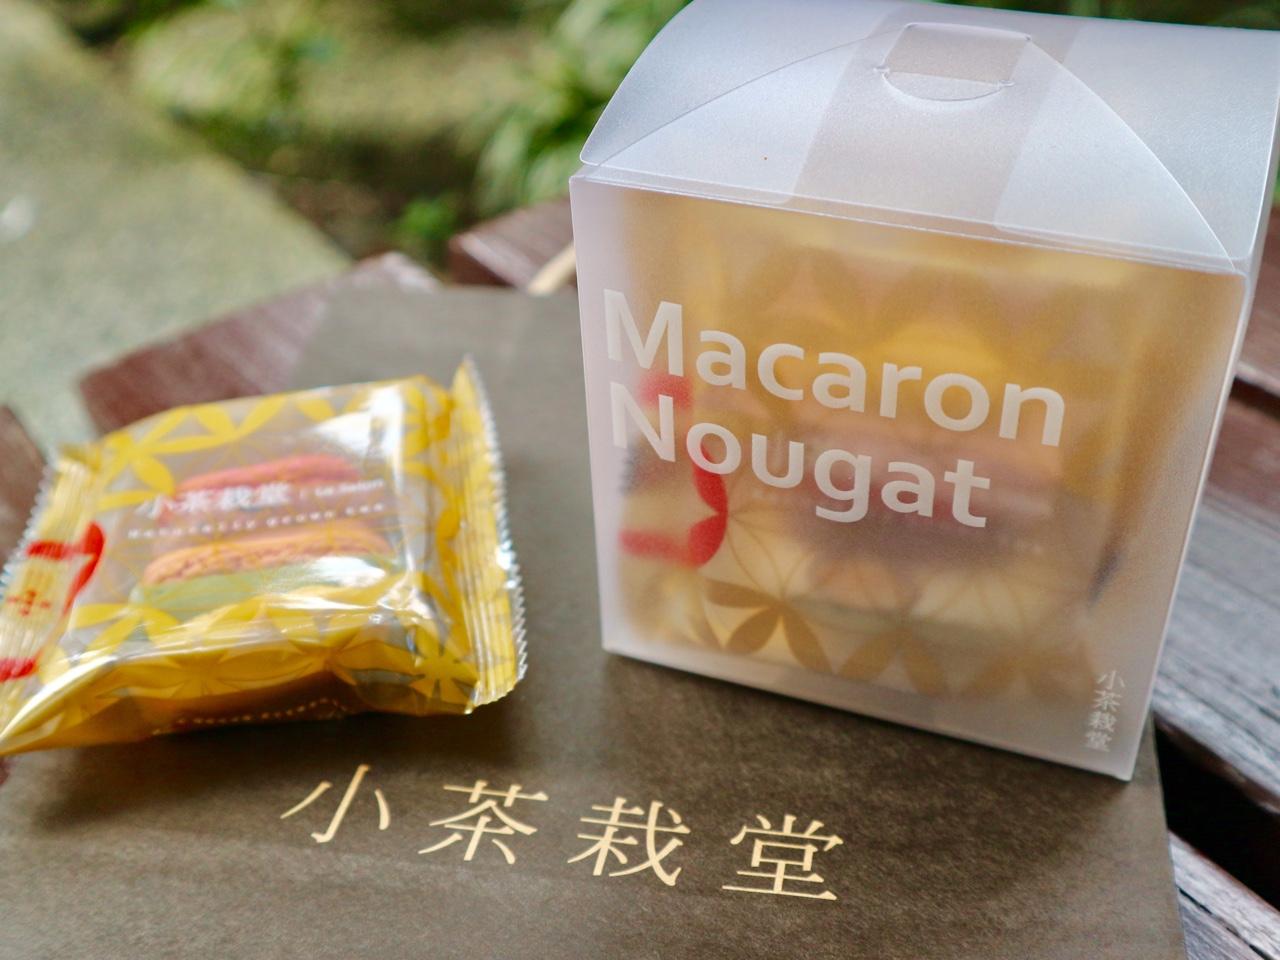 マカロンヌガーはパッケージが可愛い